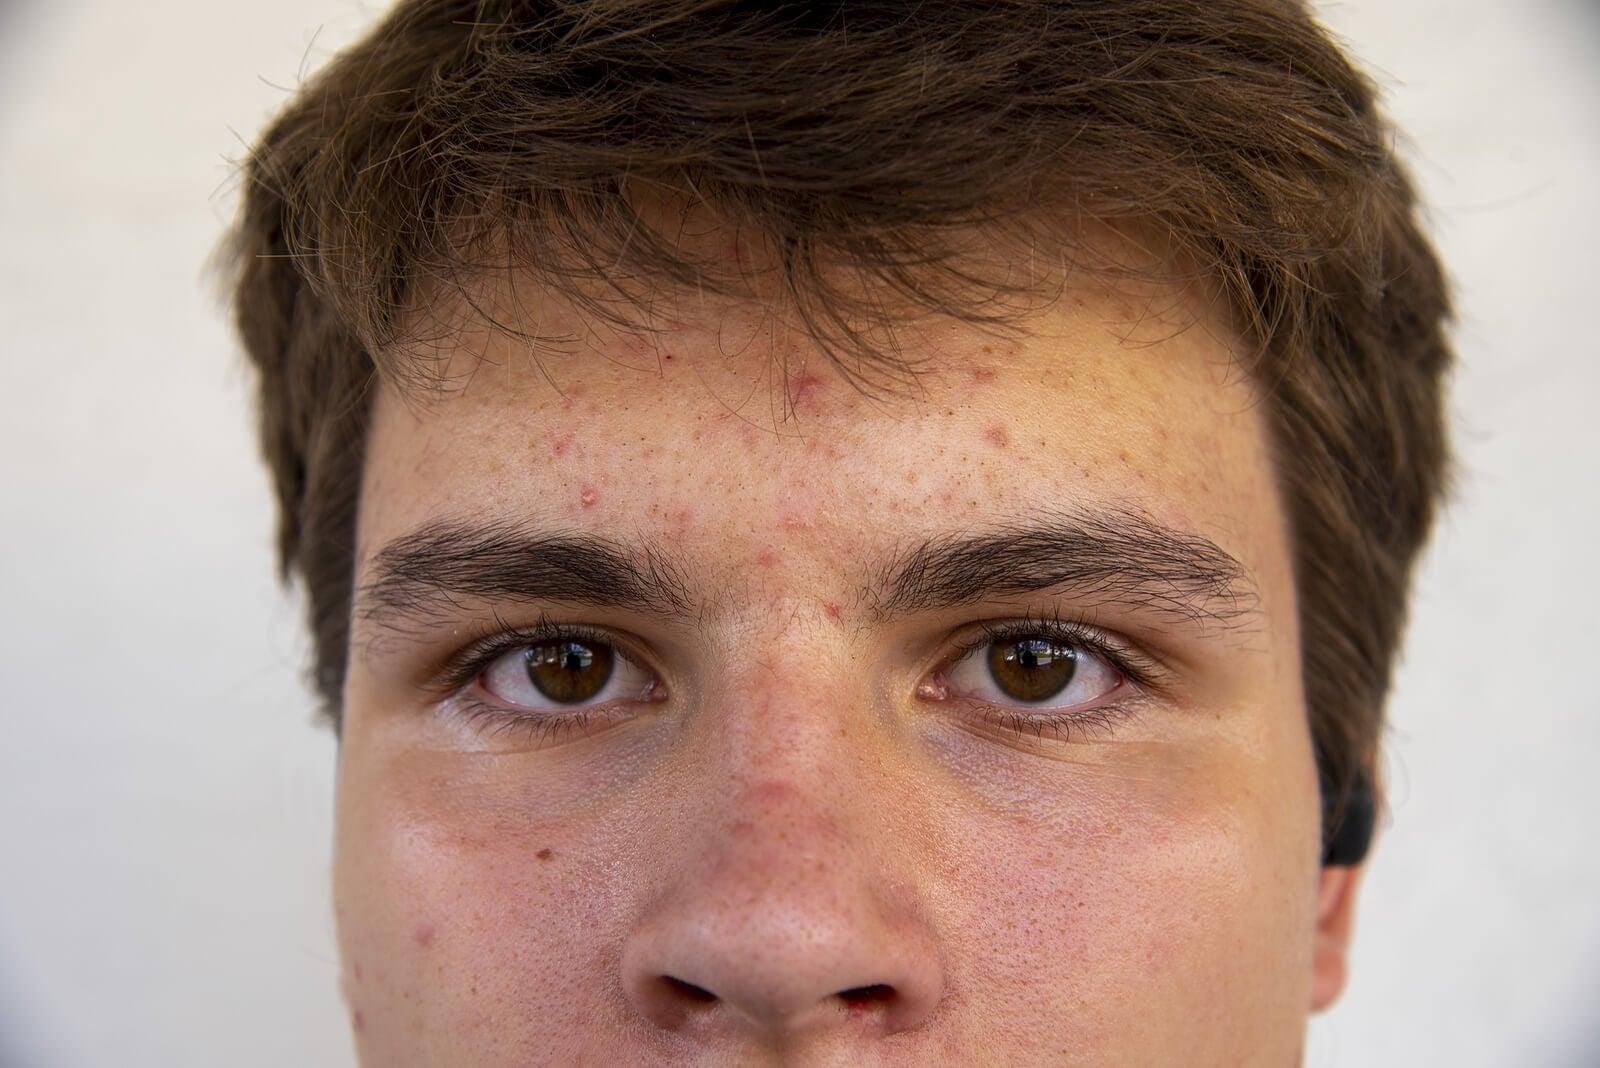 Chico adolescente con acné juvenil.